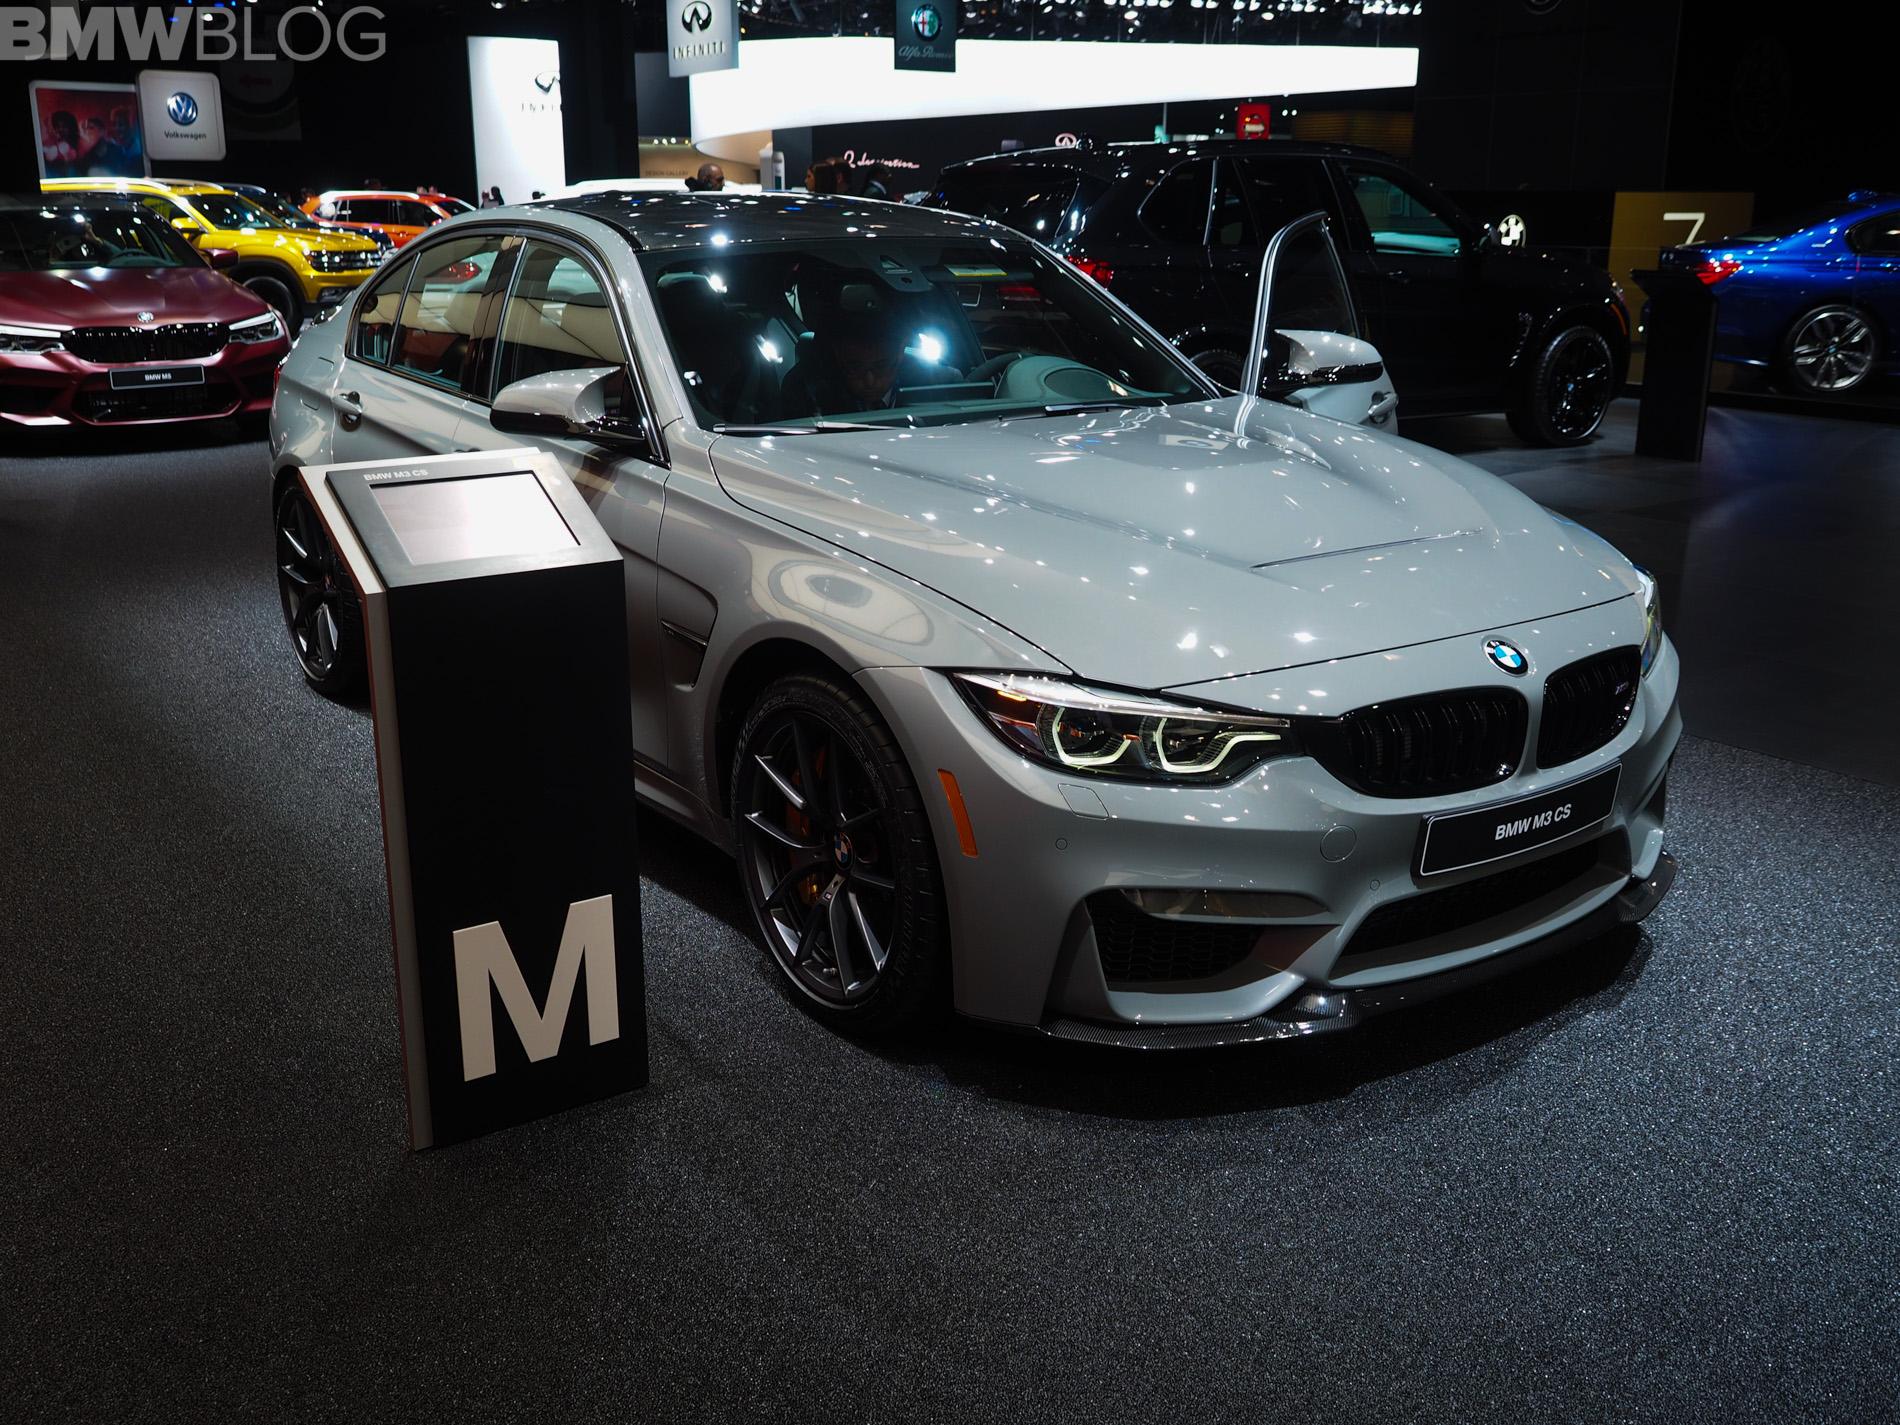 2018 Detroit Auto Show Bmw M3 Cs Looks Sportier Than Ever